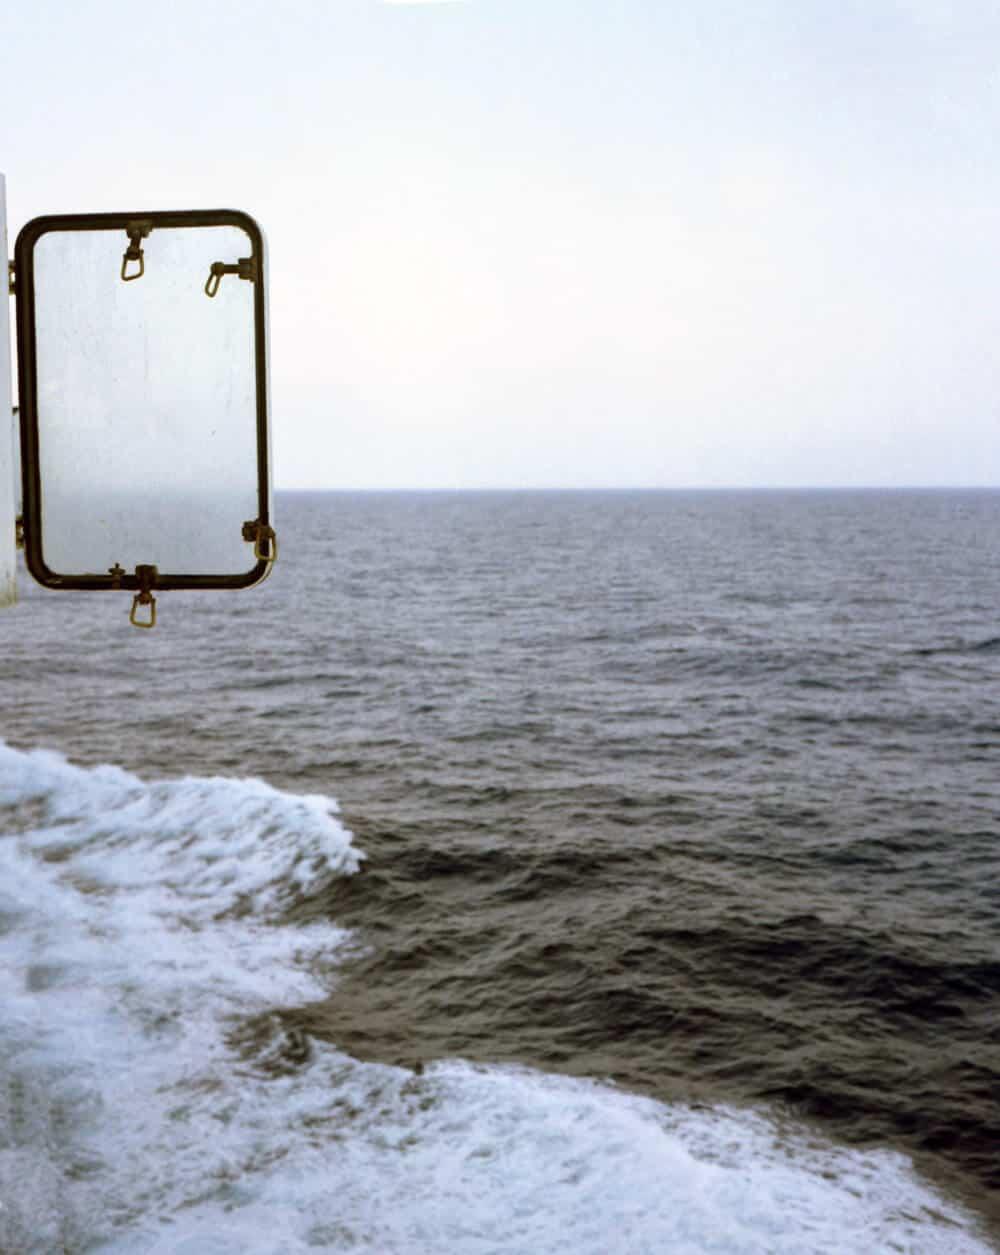 Zineb Sedira, Aus der Serie Sea Path, 2017, C-Prints, mit freundlicher Genehmigung der Plutschow Gallery